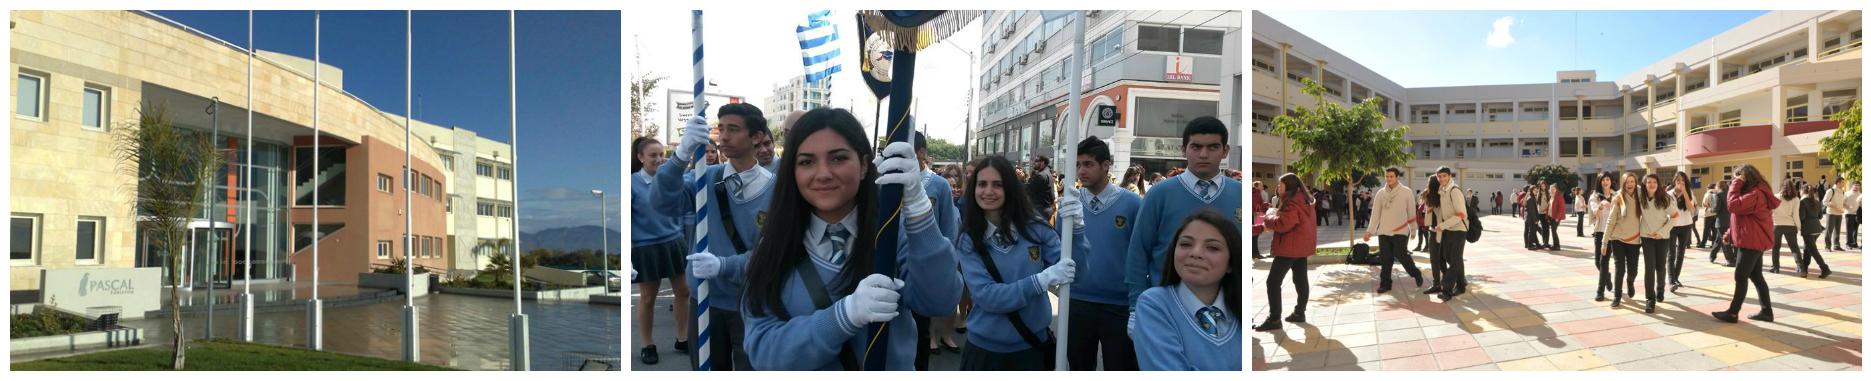 коллаж обучение в средней школе на Кипре